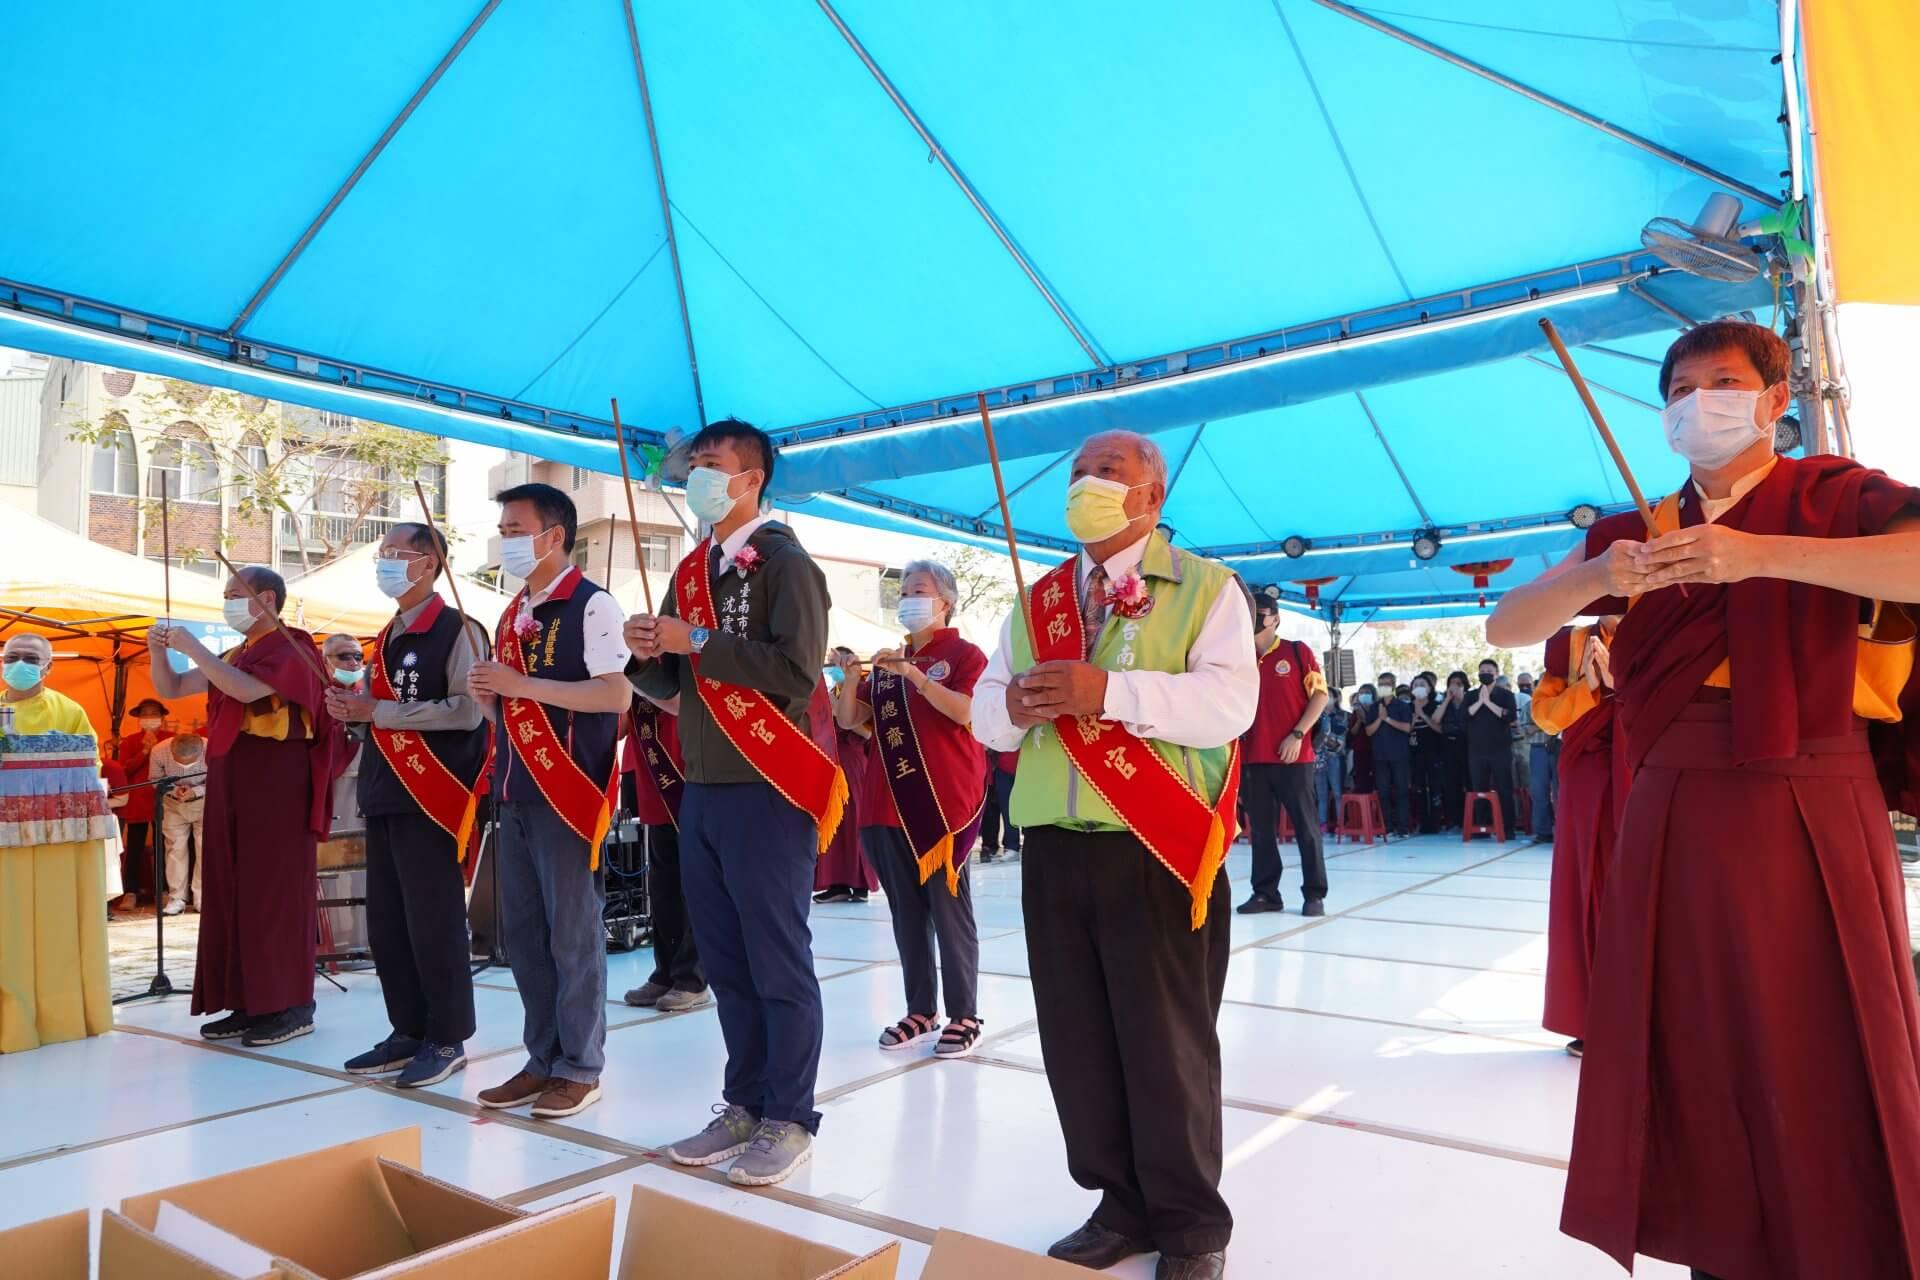 行動佛殿130站台南大興公園,觀音大悲感召加持法會,帶領貴賓上香祈福